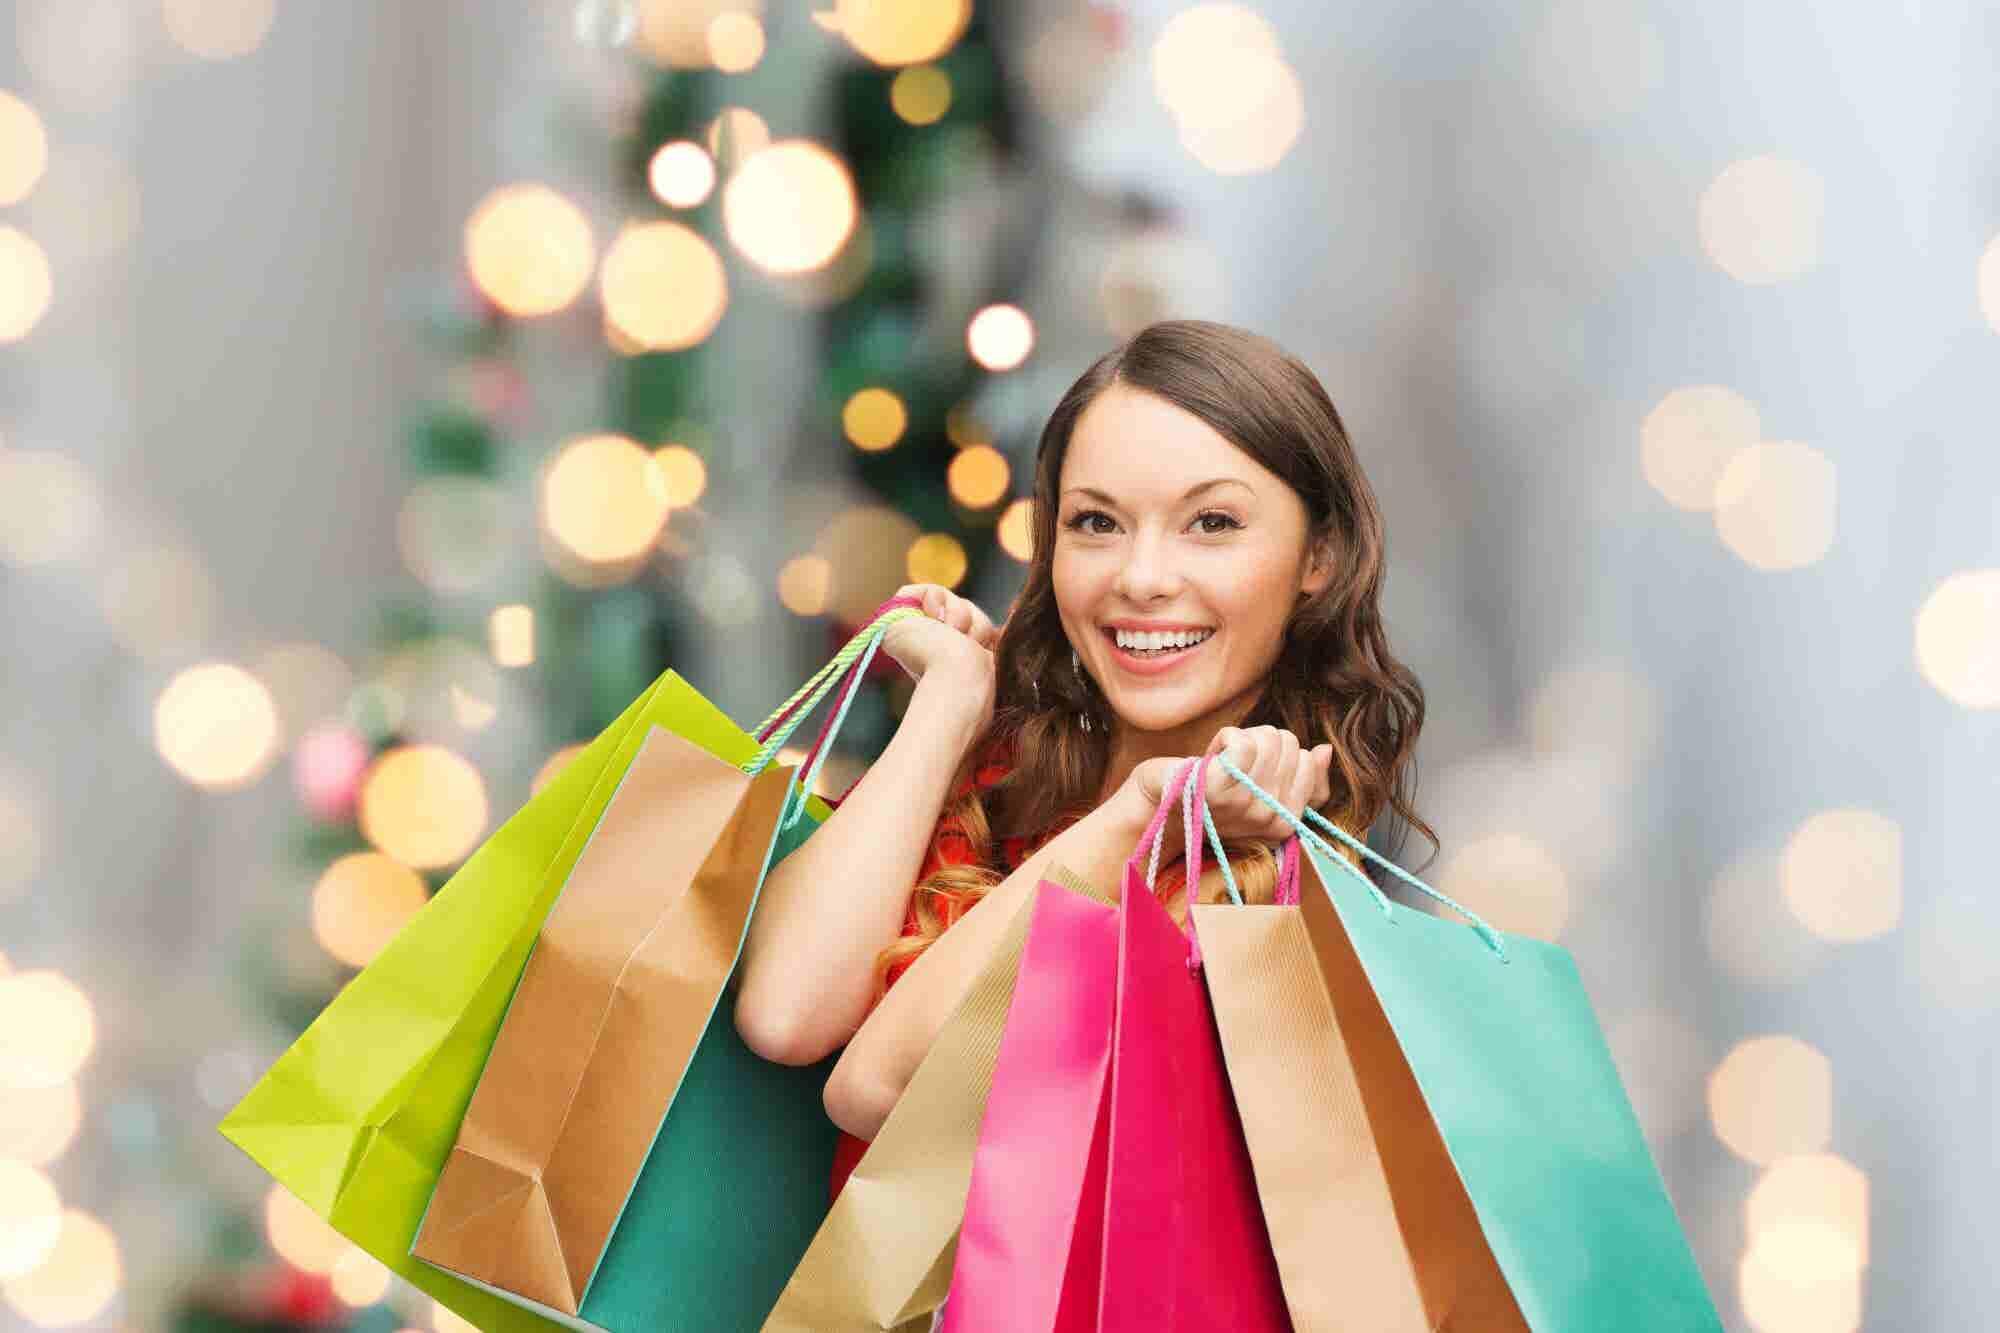 Adelántate a la temporada y prepara un negocio de asesoría para compra de regalos